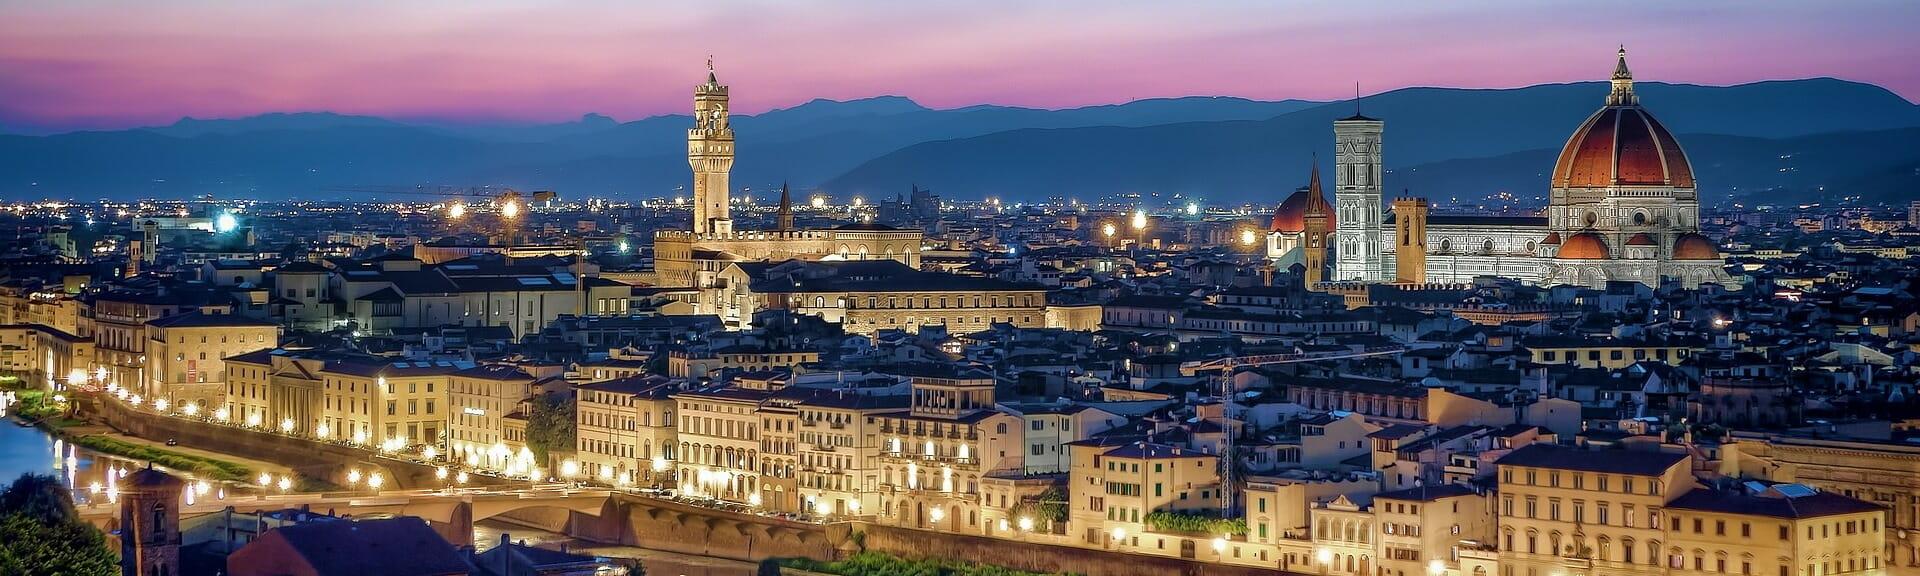 Klassenfahrt Florenz Florenz bei Nacht